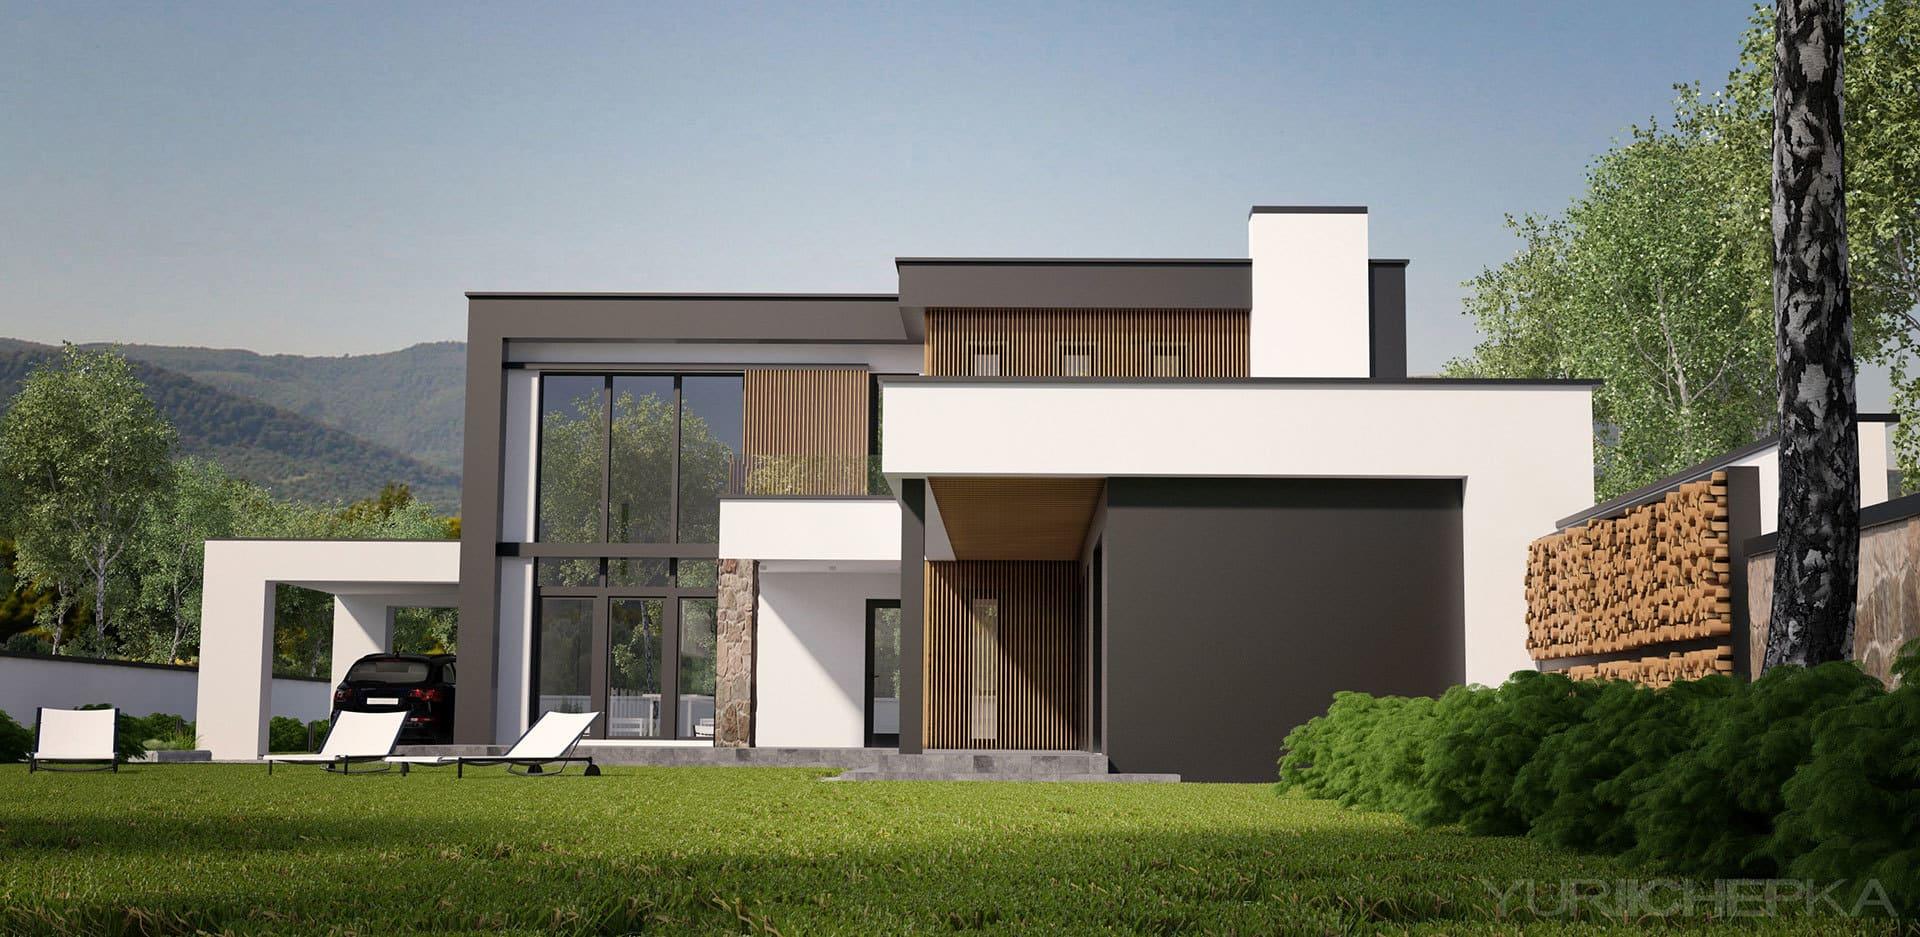 Реконструкція індивідуального житлового будинку в с.Бедевля.